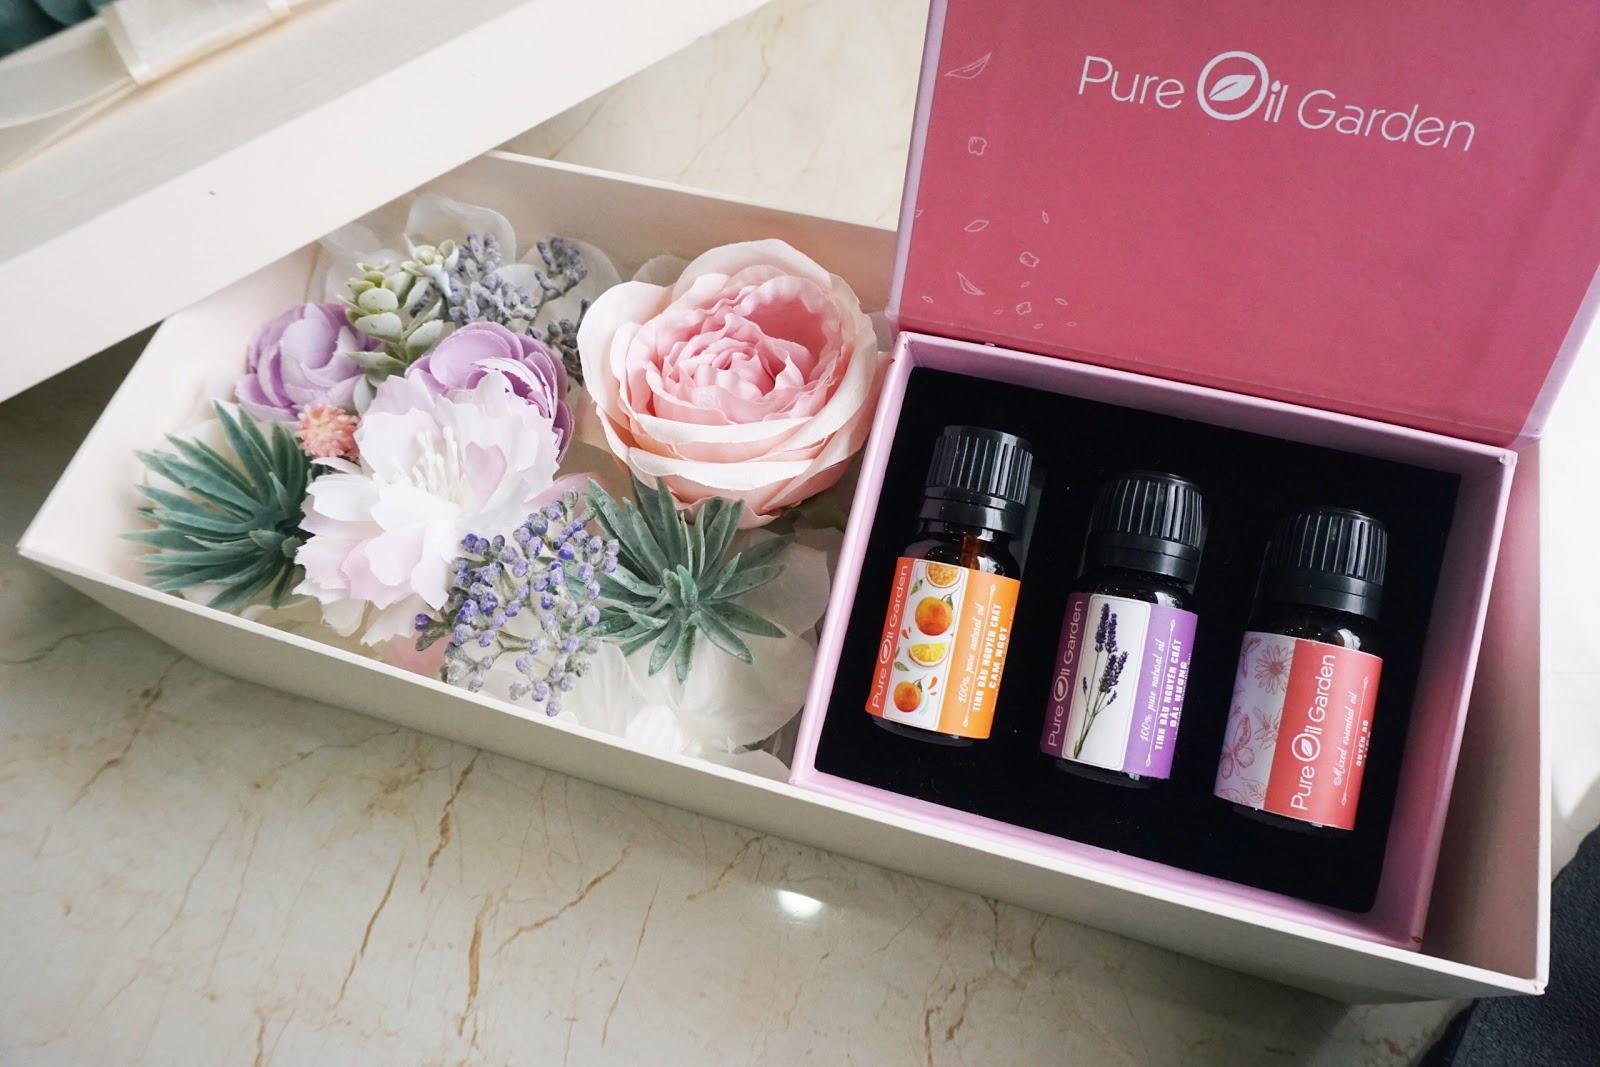 CEO & Founder Công ty CP Hương liệu và Tinh dầu H&D Đinh Thị Thu Hương - Ban tổ chức tại Hội nghị sức khỏe sắc đẹp toàn diện và xu hướng ngành làm đẹp 2022 - Ảnh 4